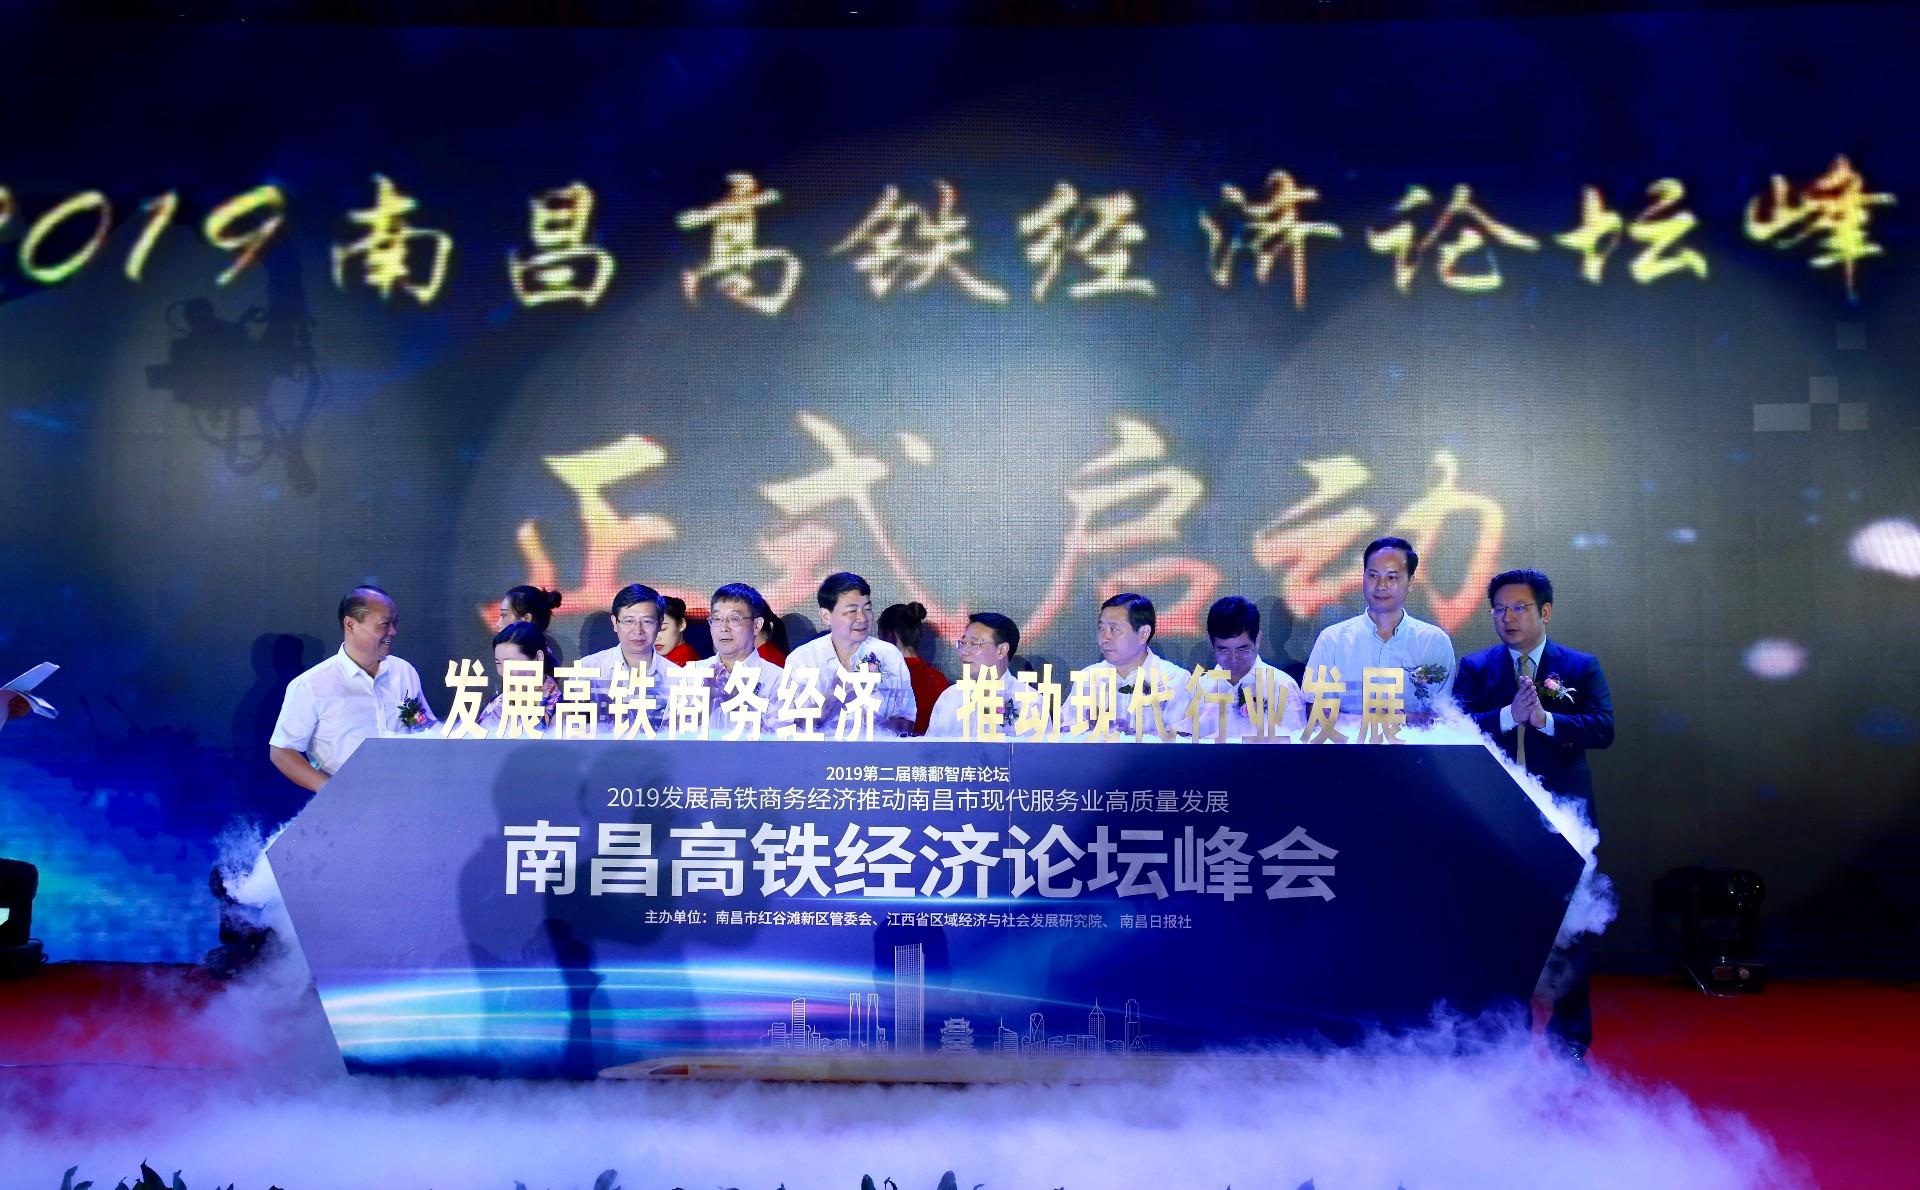 2019第二届赣鄱智库论坛——高铁时代 为经济插上腾飞之翼